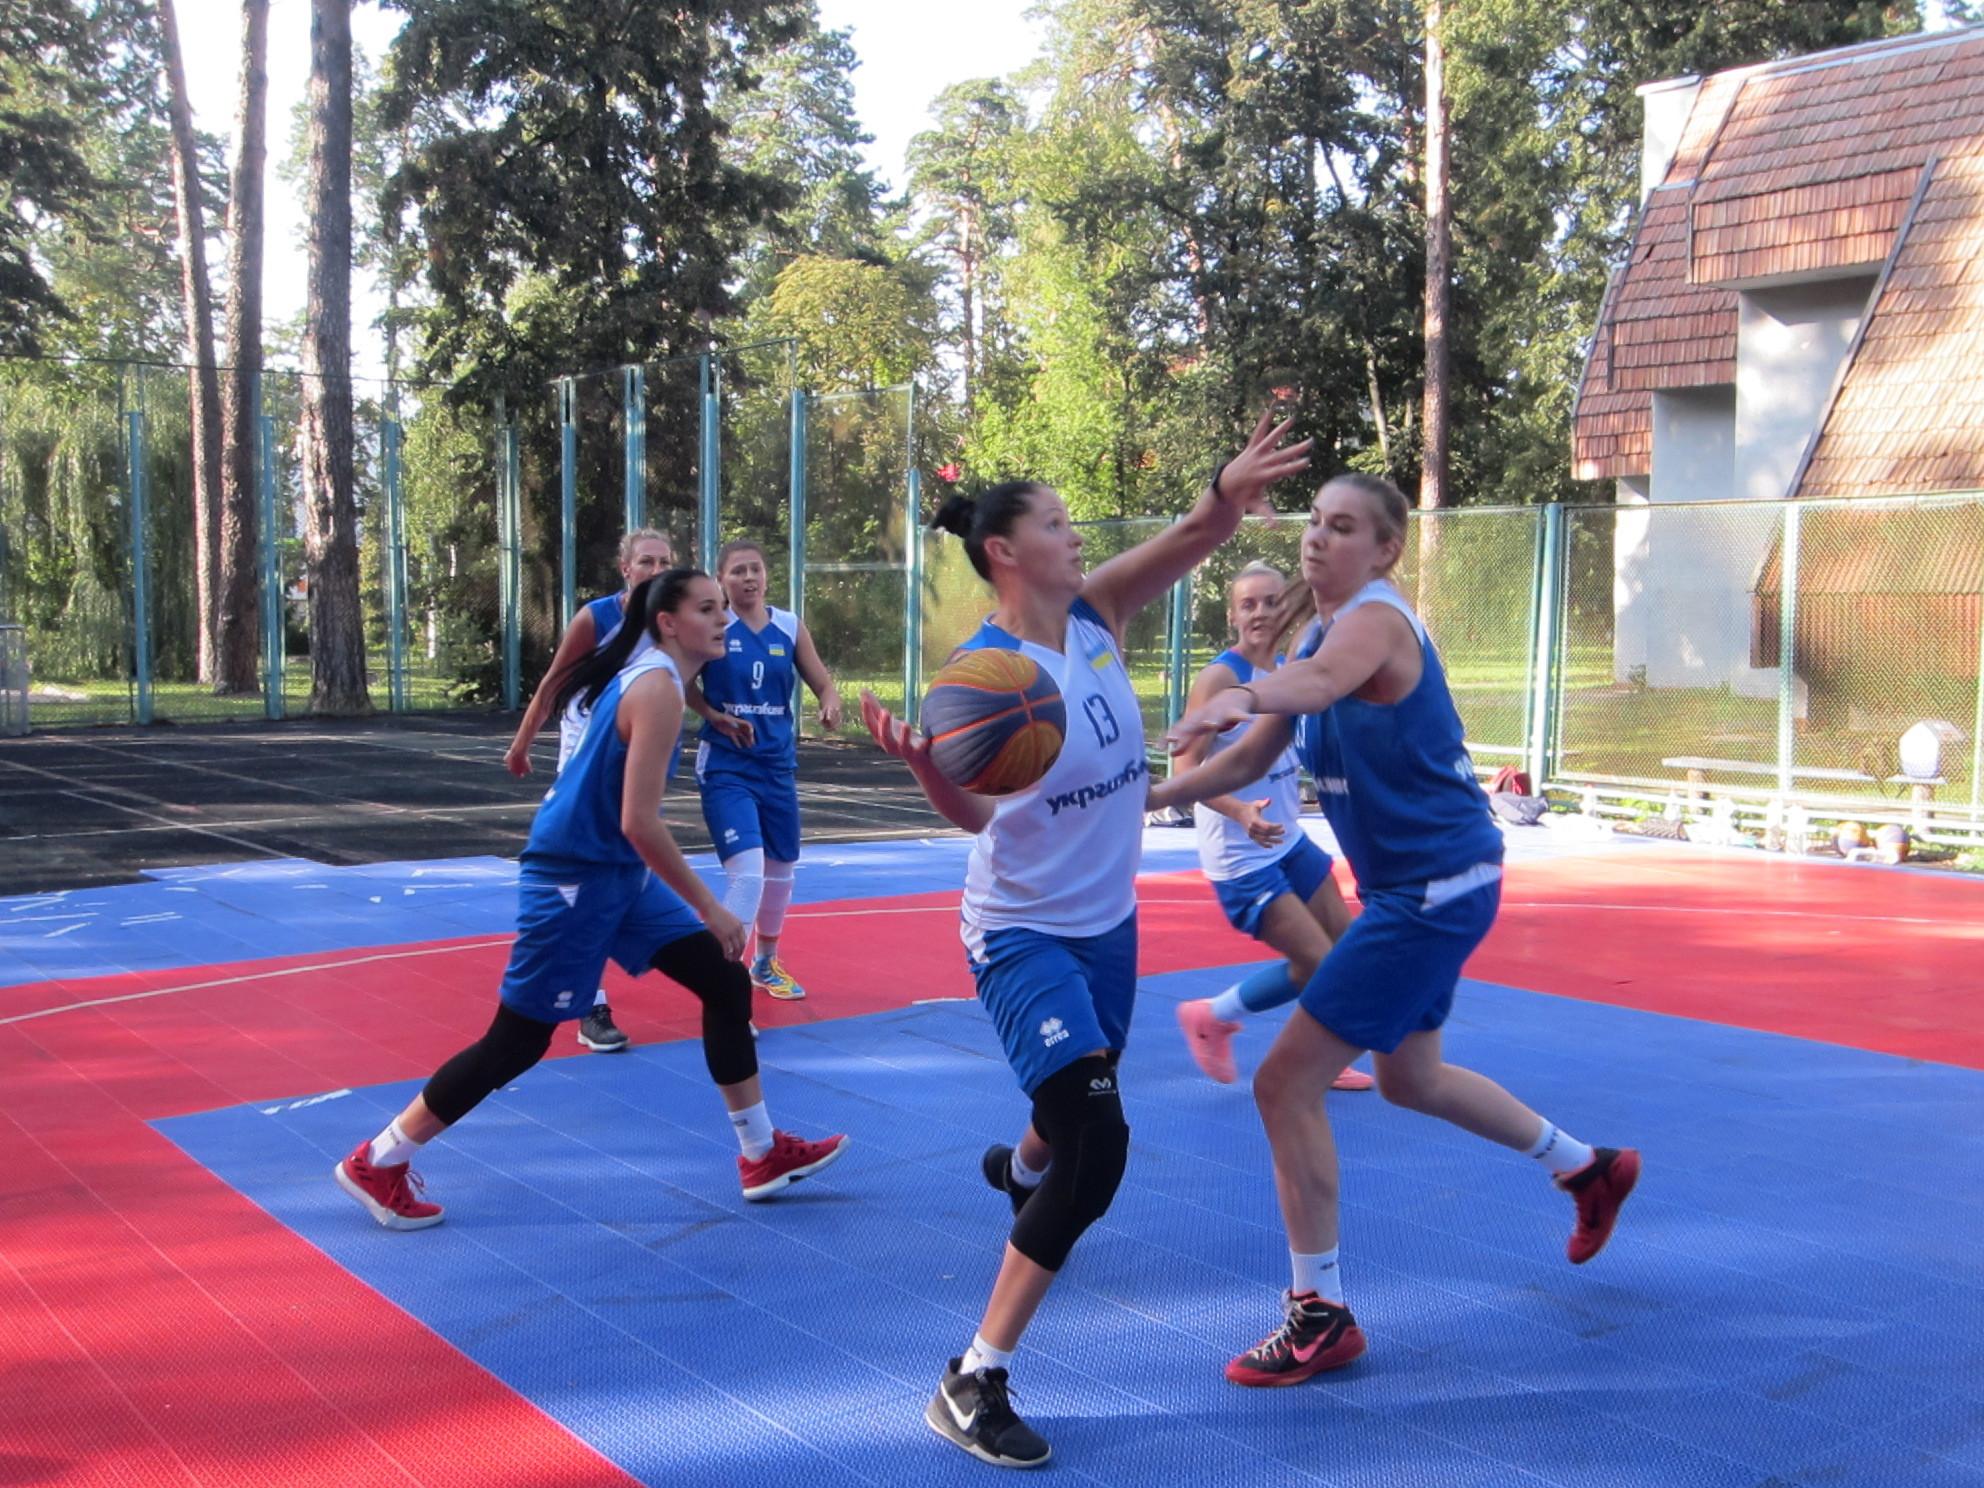 Жіночі збірні України 3х3 тренуються у Пущі Водиці: фотогалерея